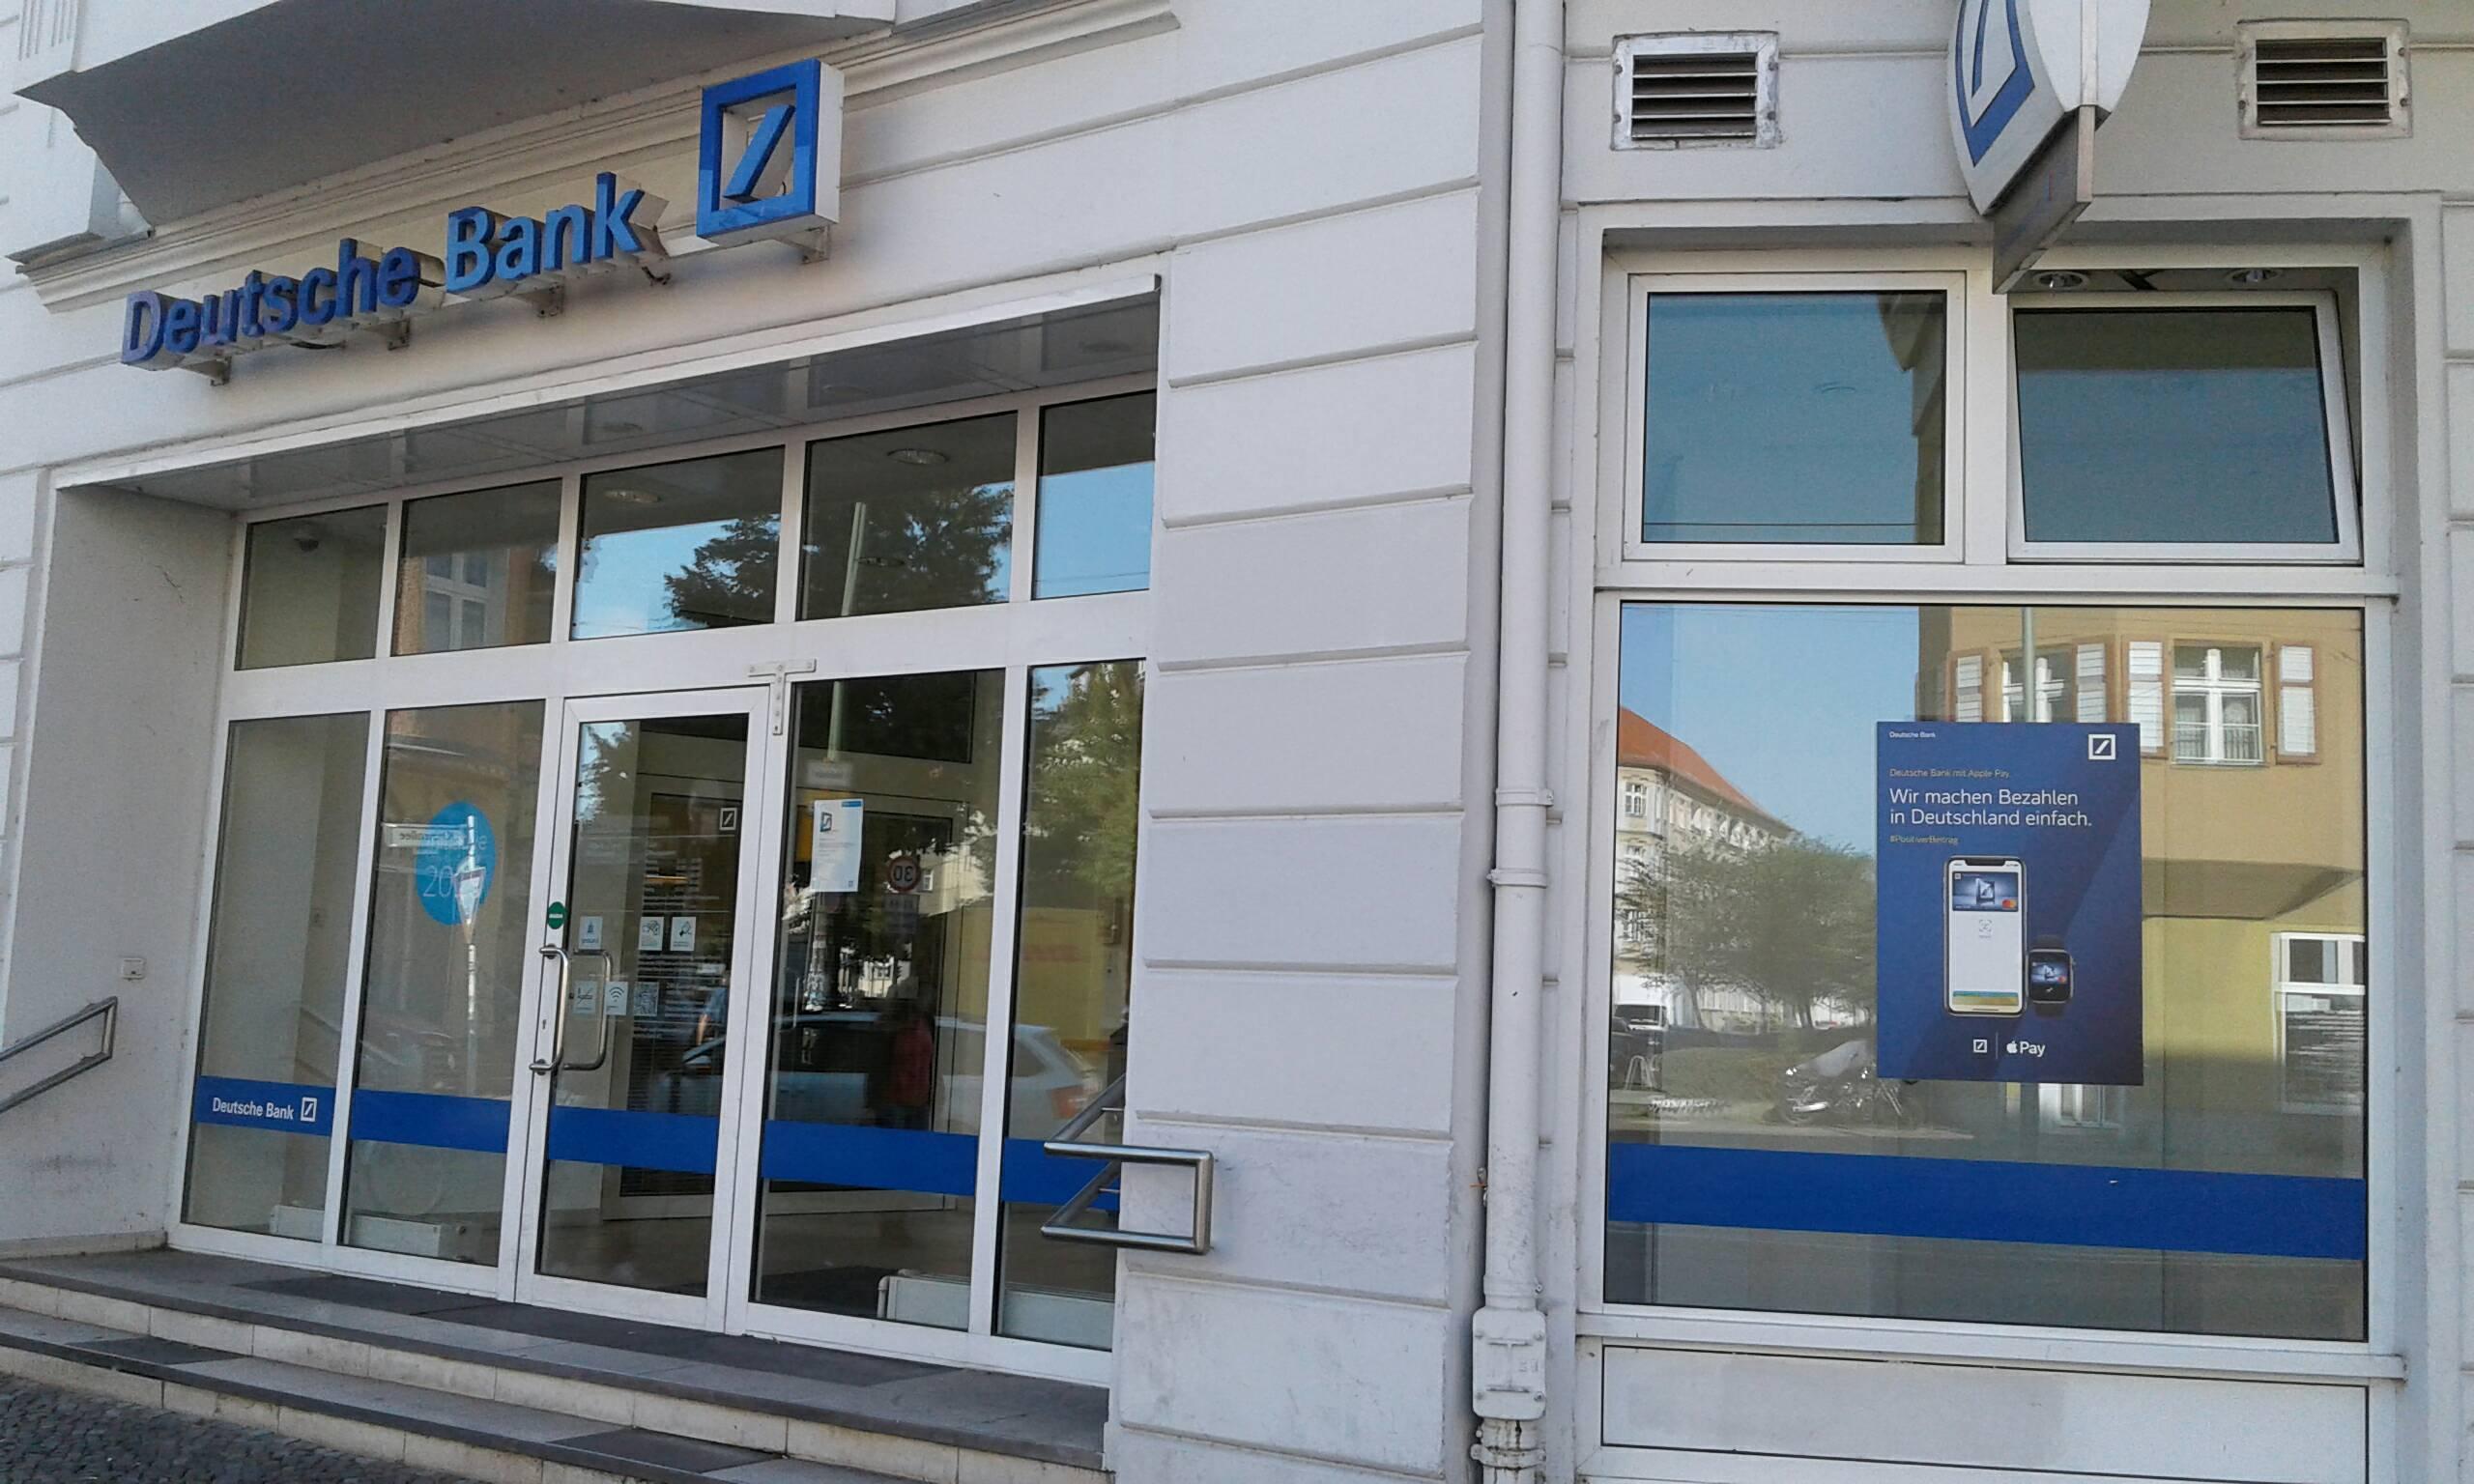 Deutsche Bank Filiale 12555 Berlin Offnungszeiten Adresse Telefon